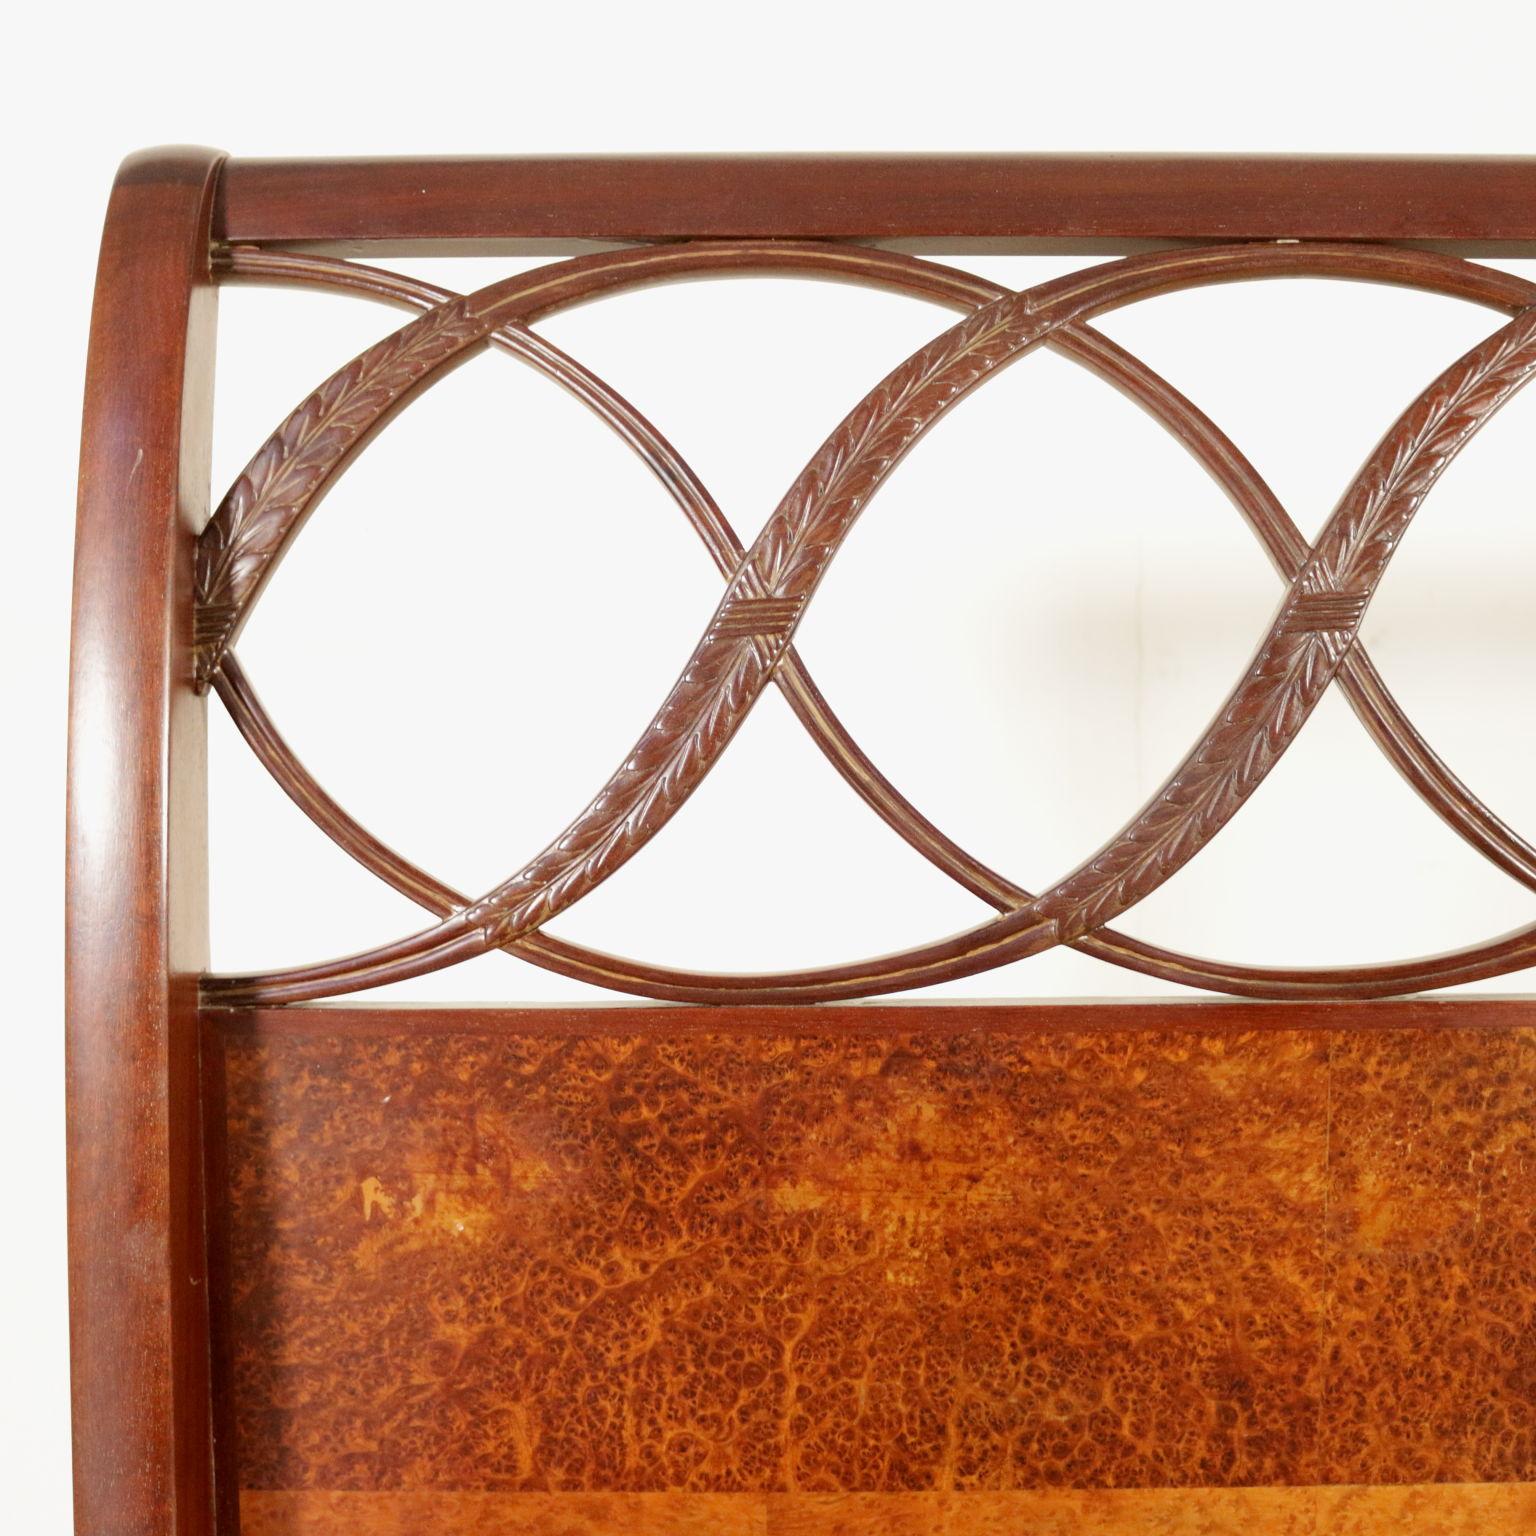 Bett zuzurechnen Paolo Buffa - Einrichtungsgegenstände - Modernes ...